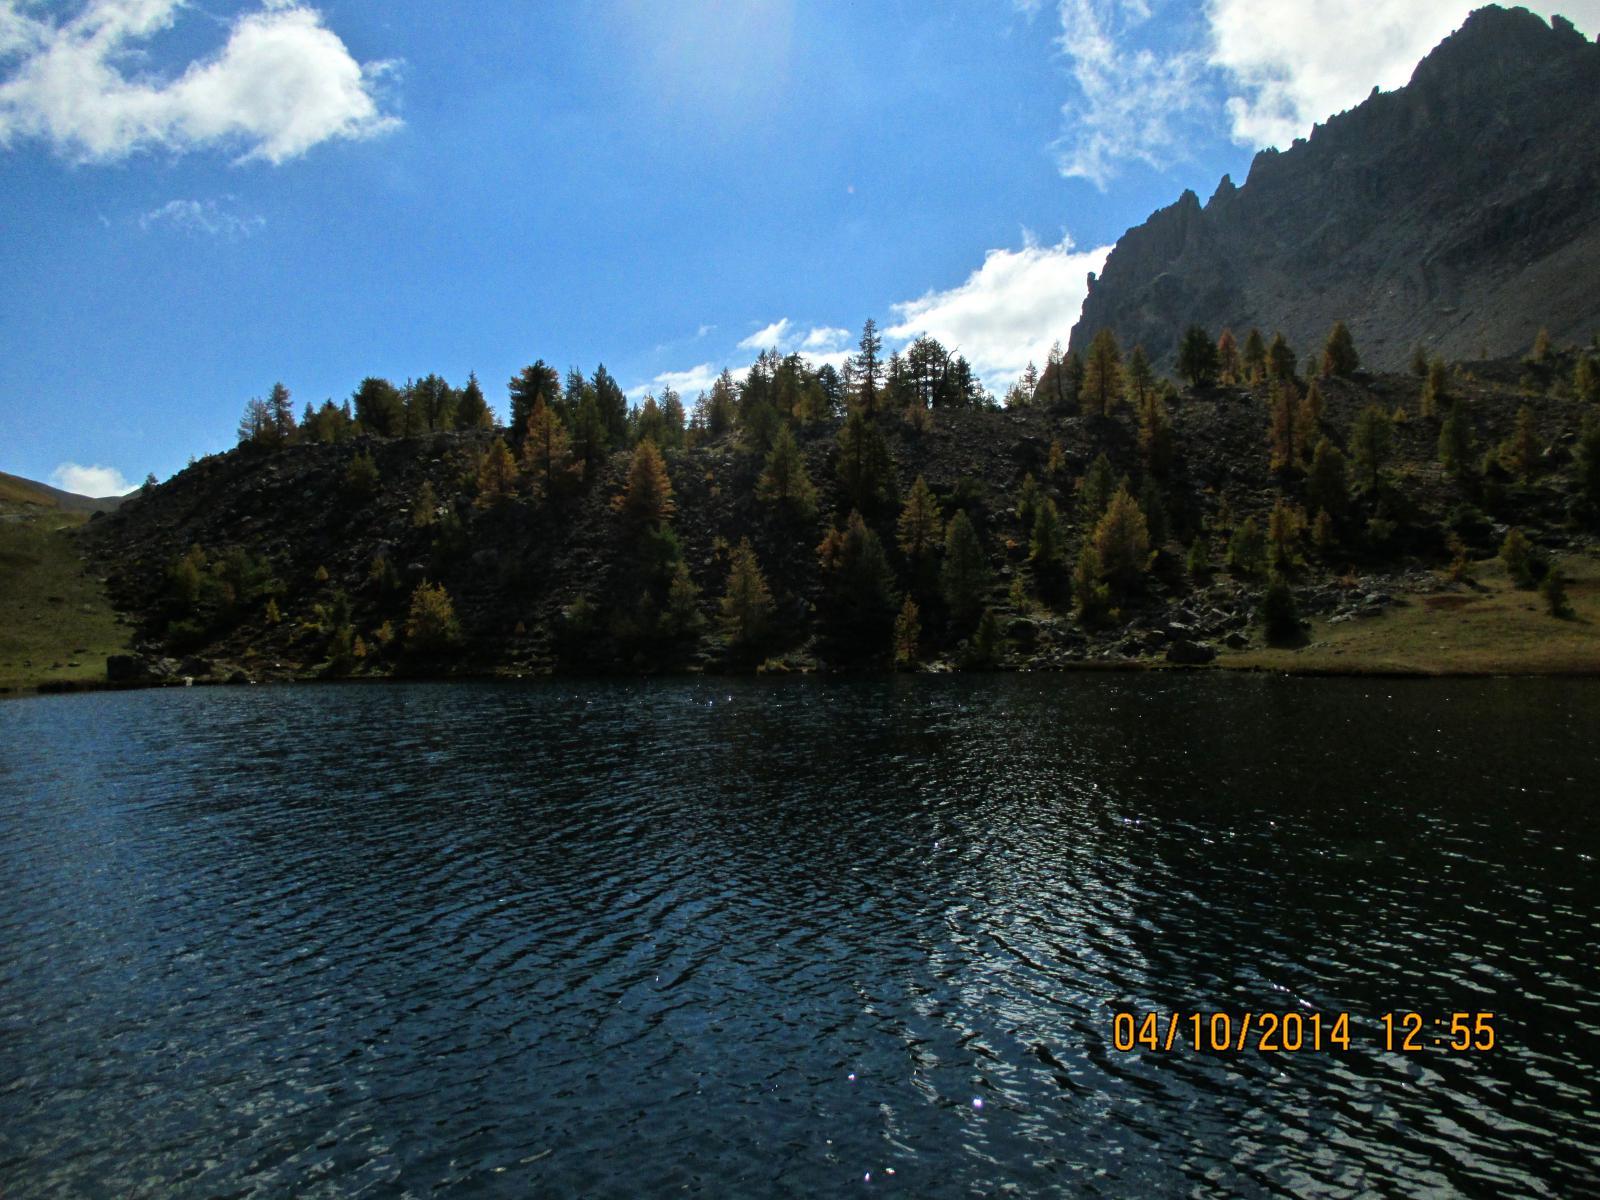 il Lac de Lauzet; se si proseguisse along the road si va verso La Furfande